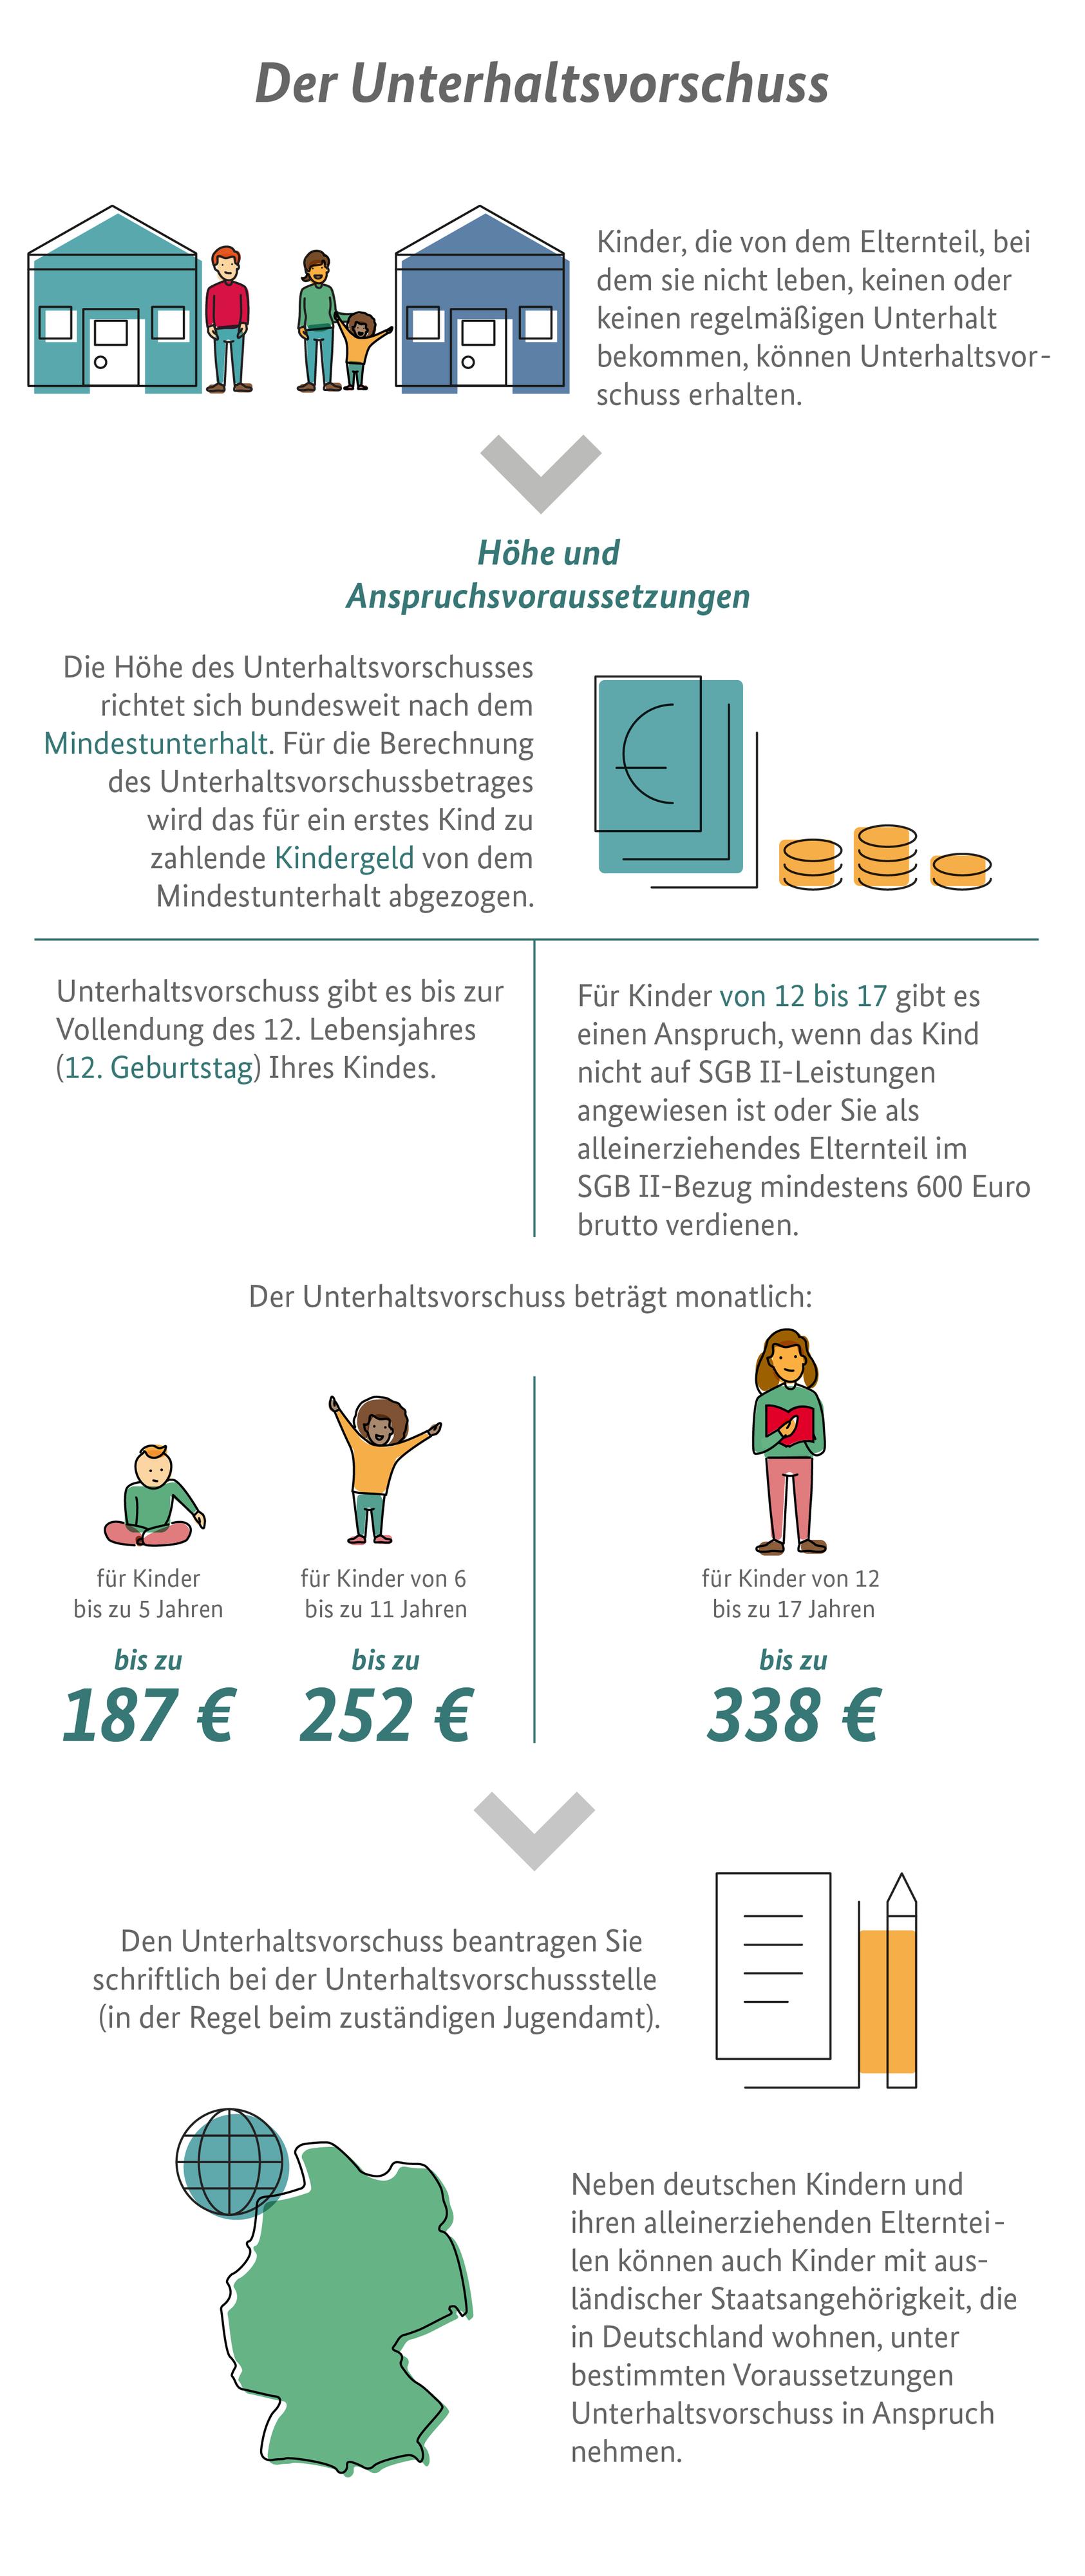 Die Infografik zeigt, wie hoch der Unterhaltsvorschuss ist und wer ihn erhalten kann